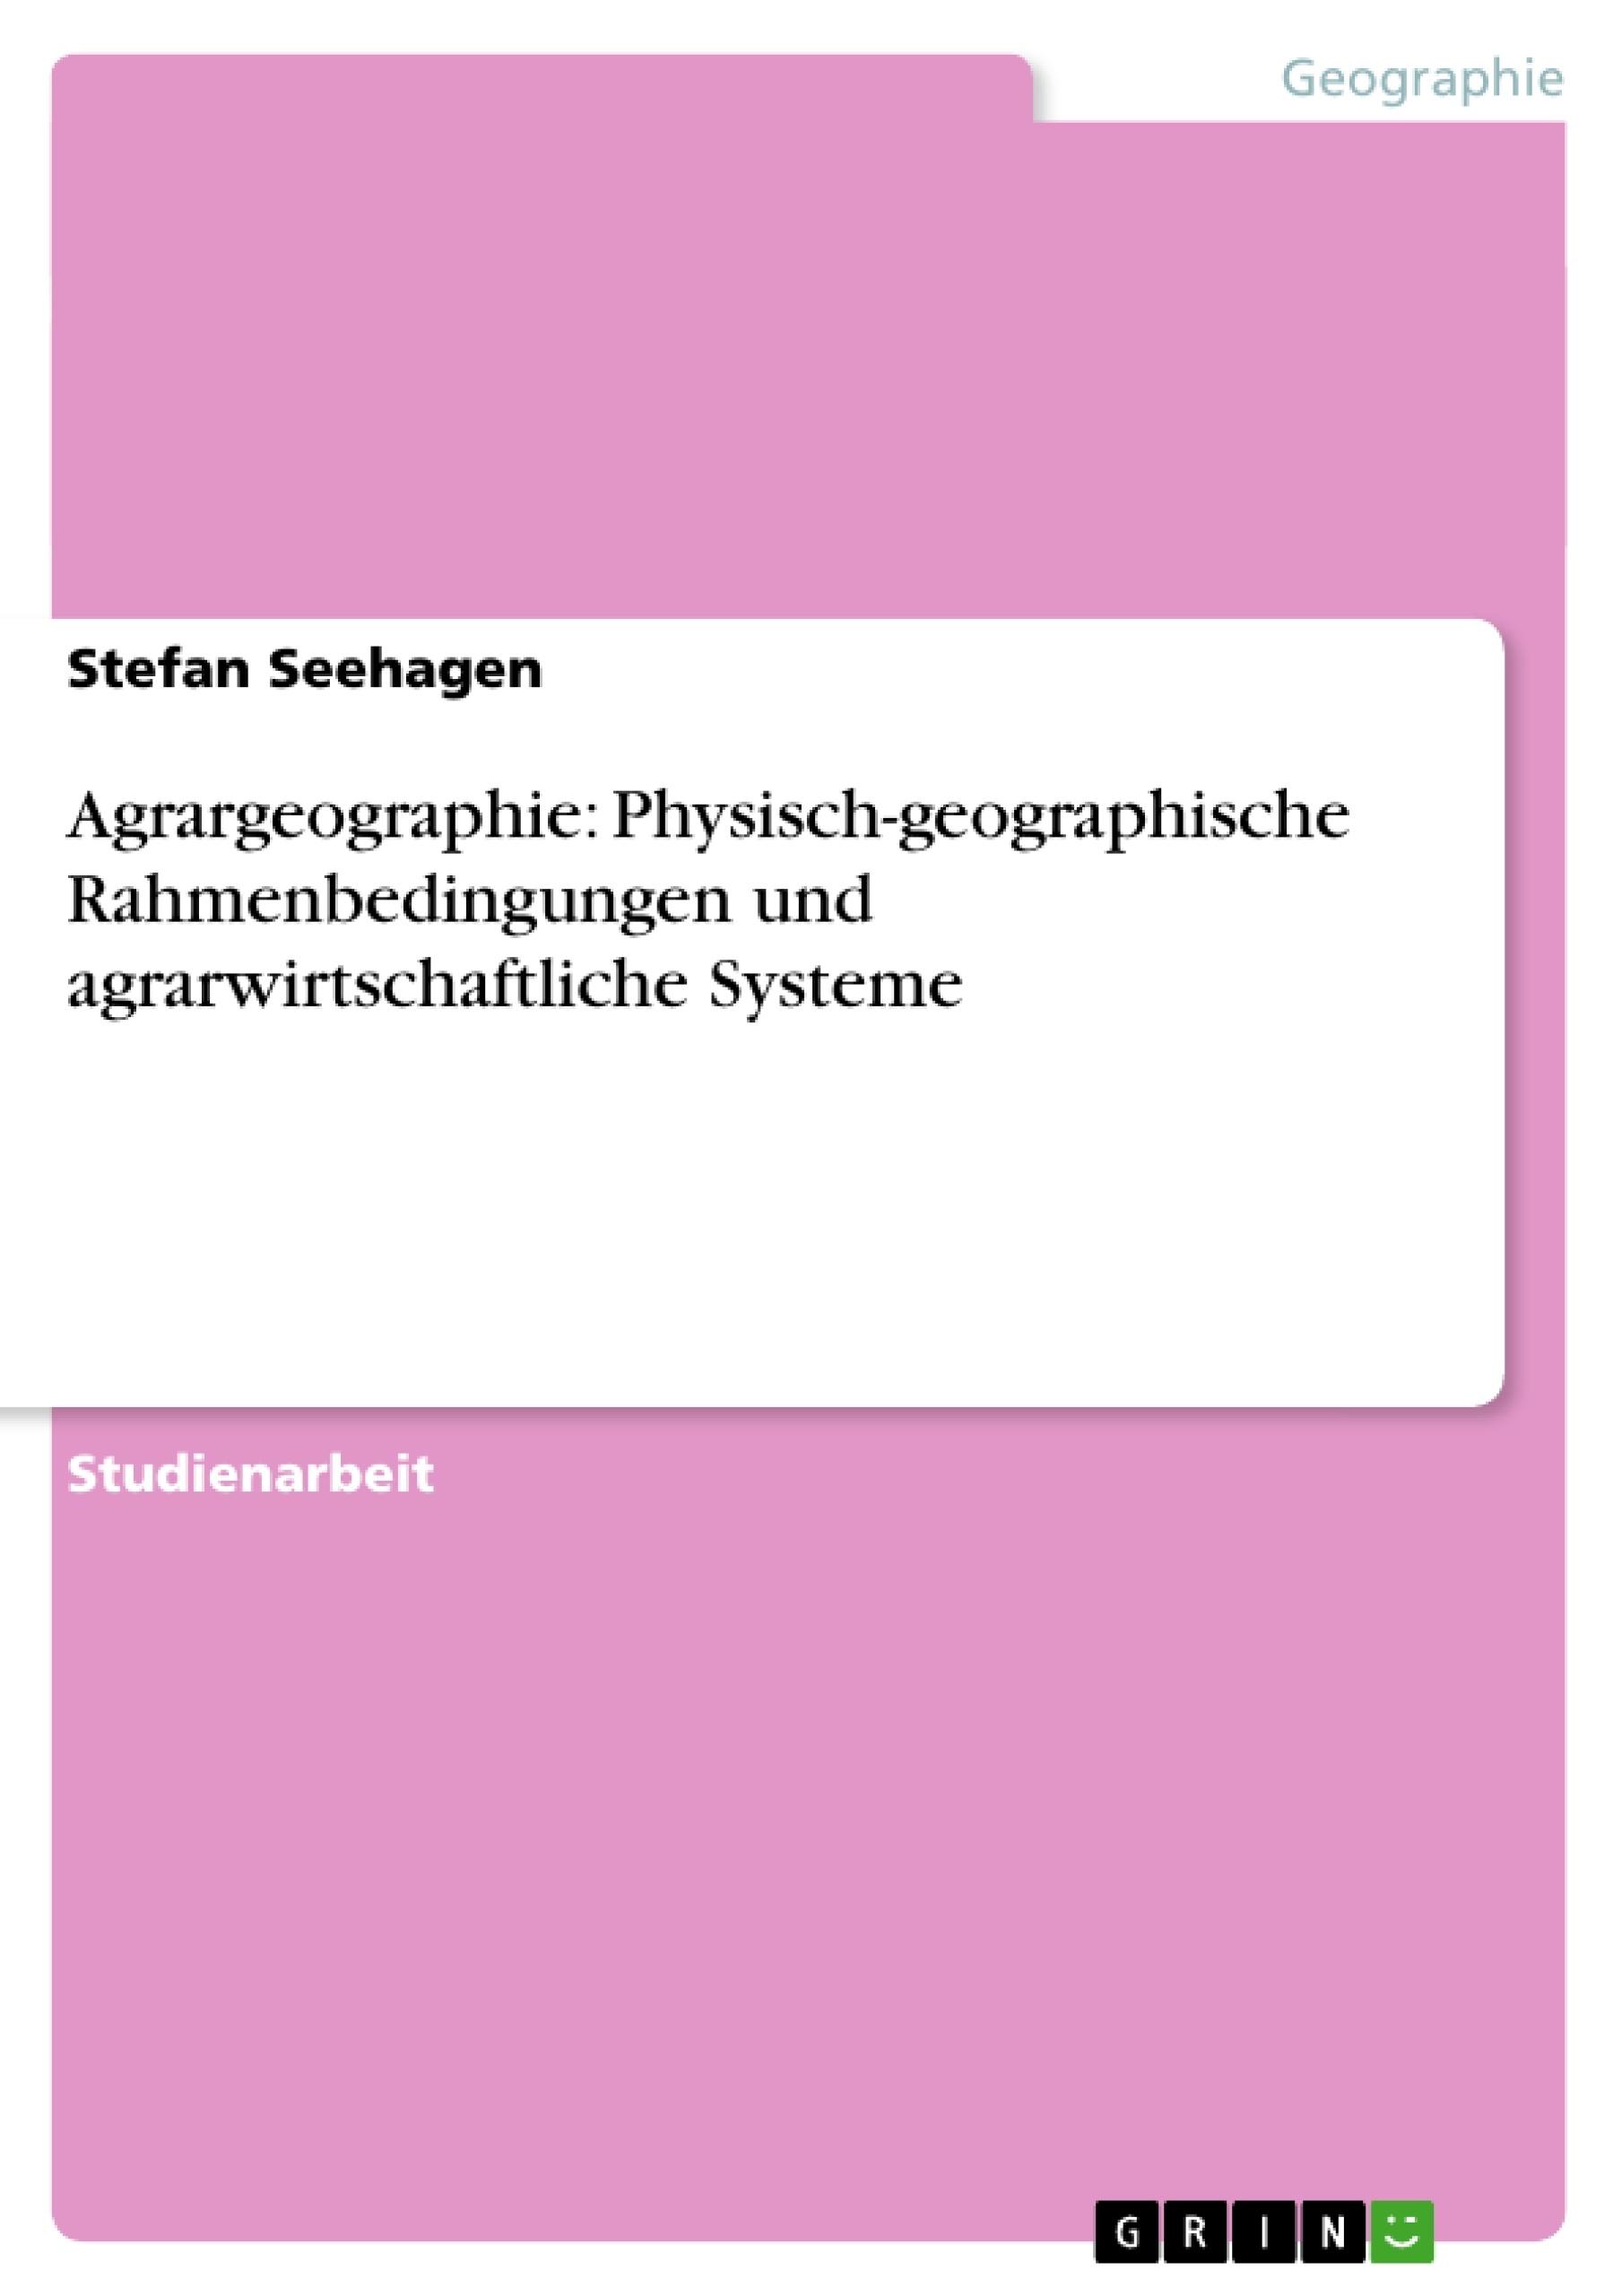 Titel: Agrargeographie: Physisch-geographische Rahmenbedingungen und agrarwirtschaftliche Systeme